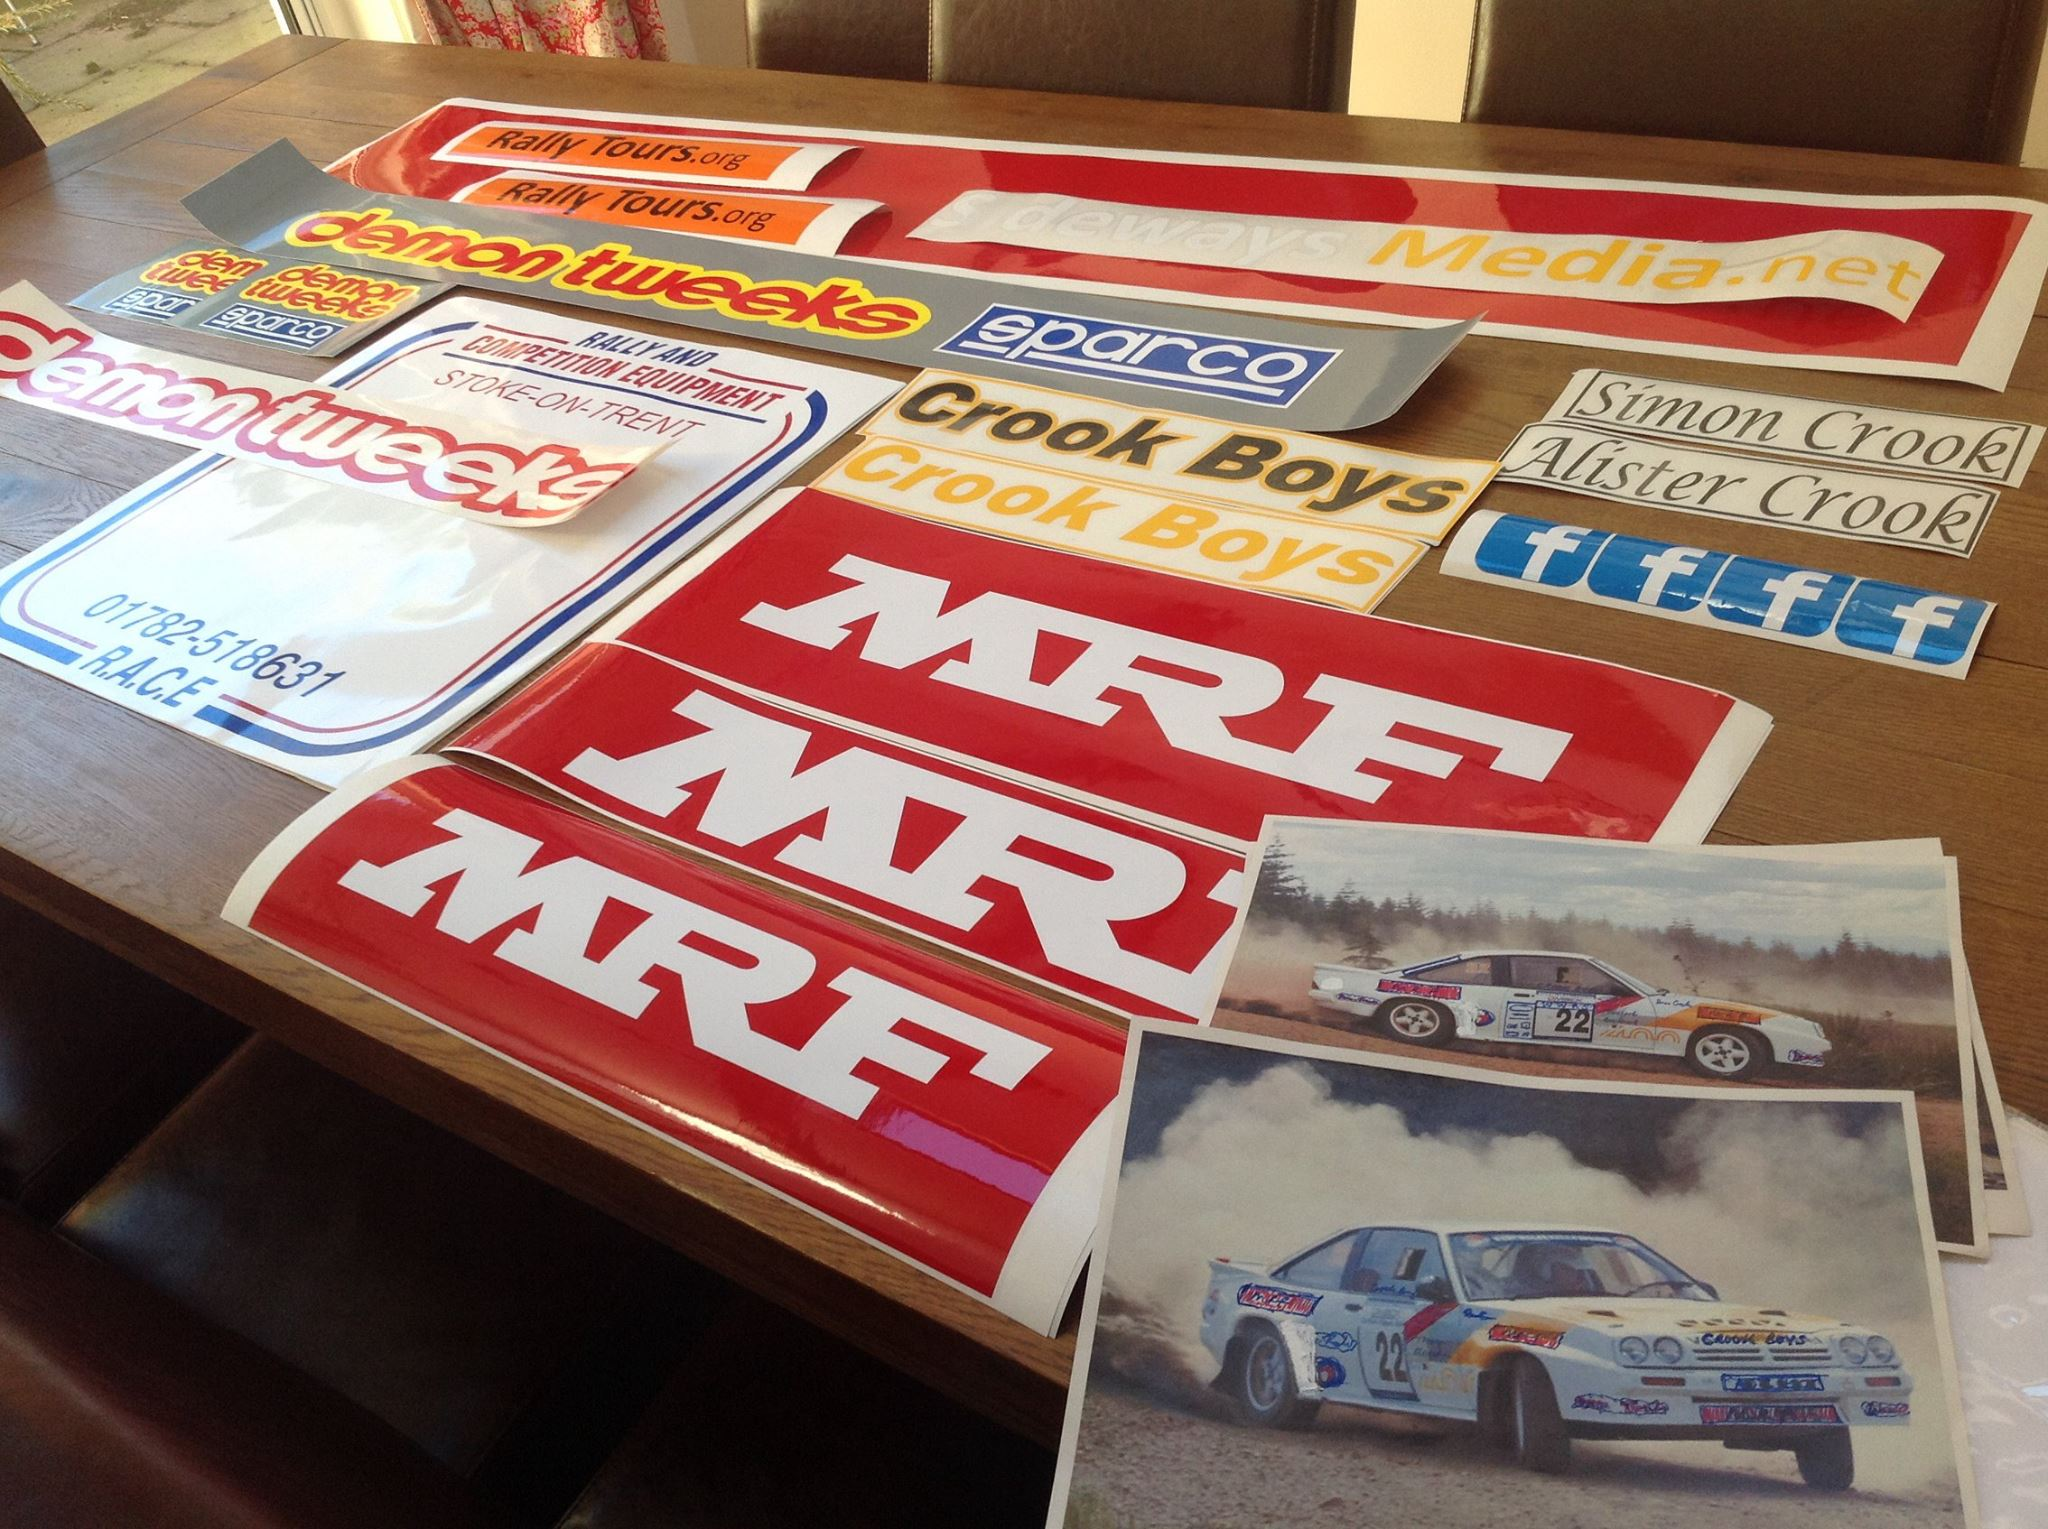 Car sticker manufacturing